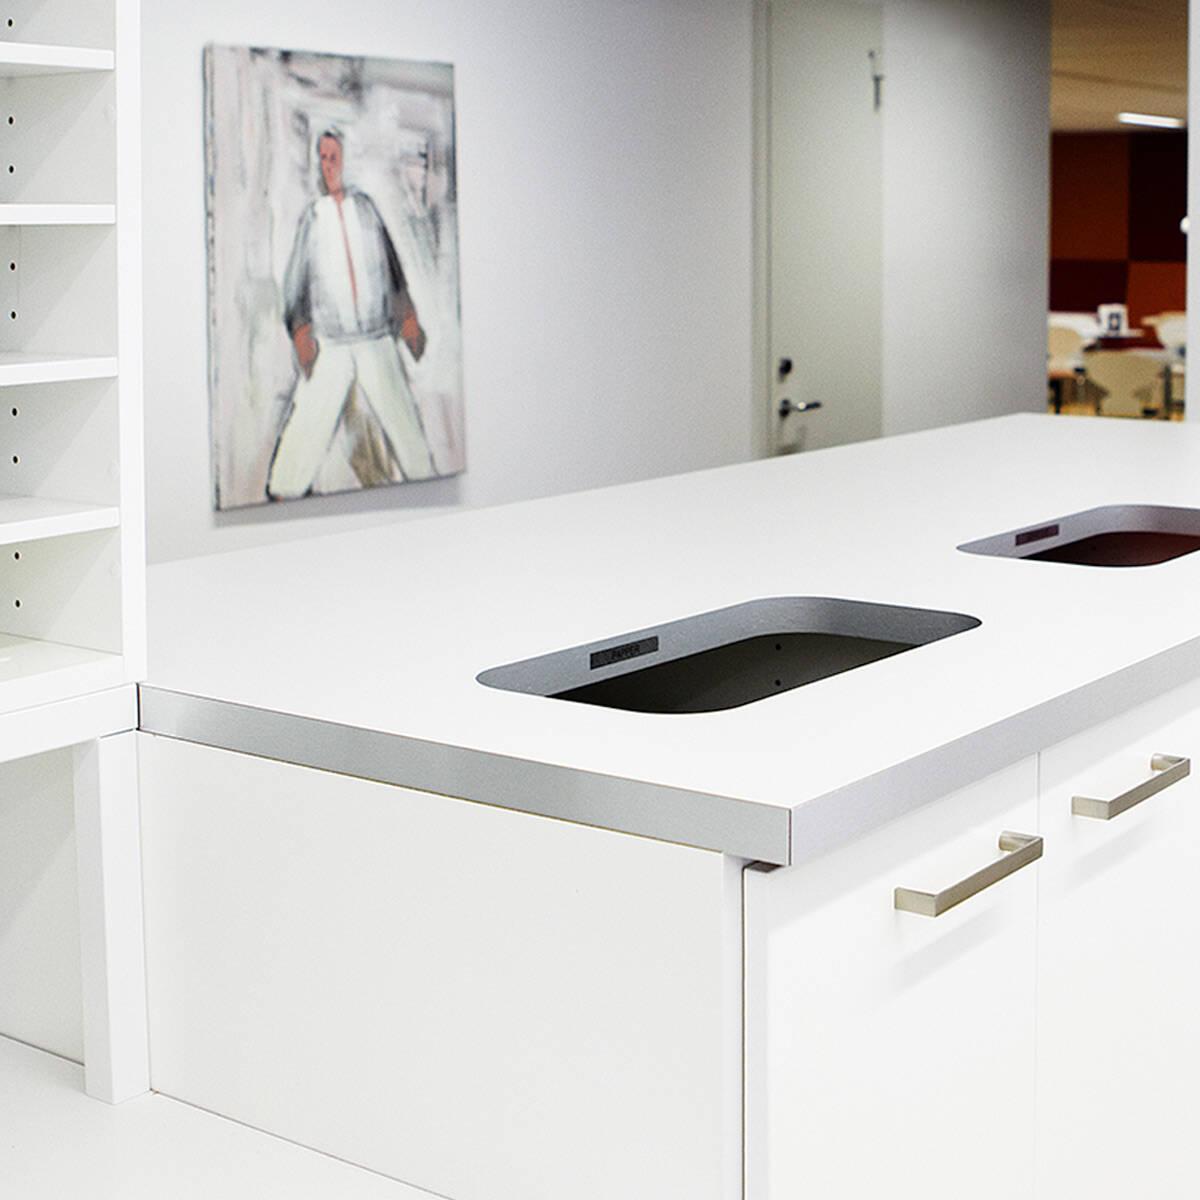 kungsleden referensprojekt kontorsförvaring förvaringssystem trece